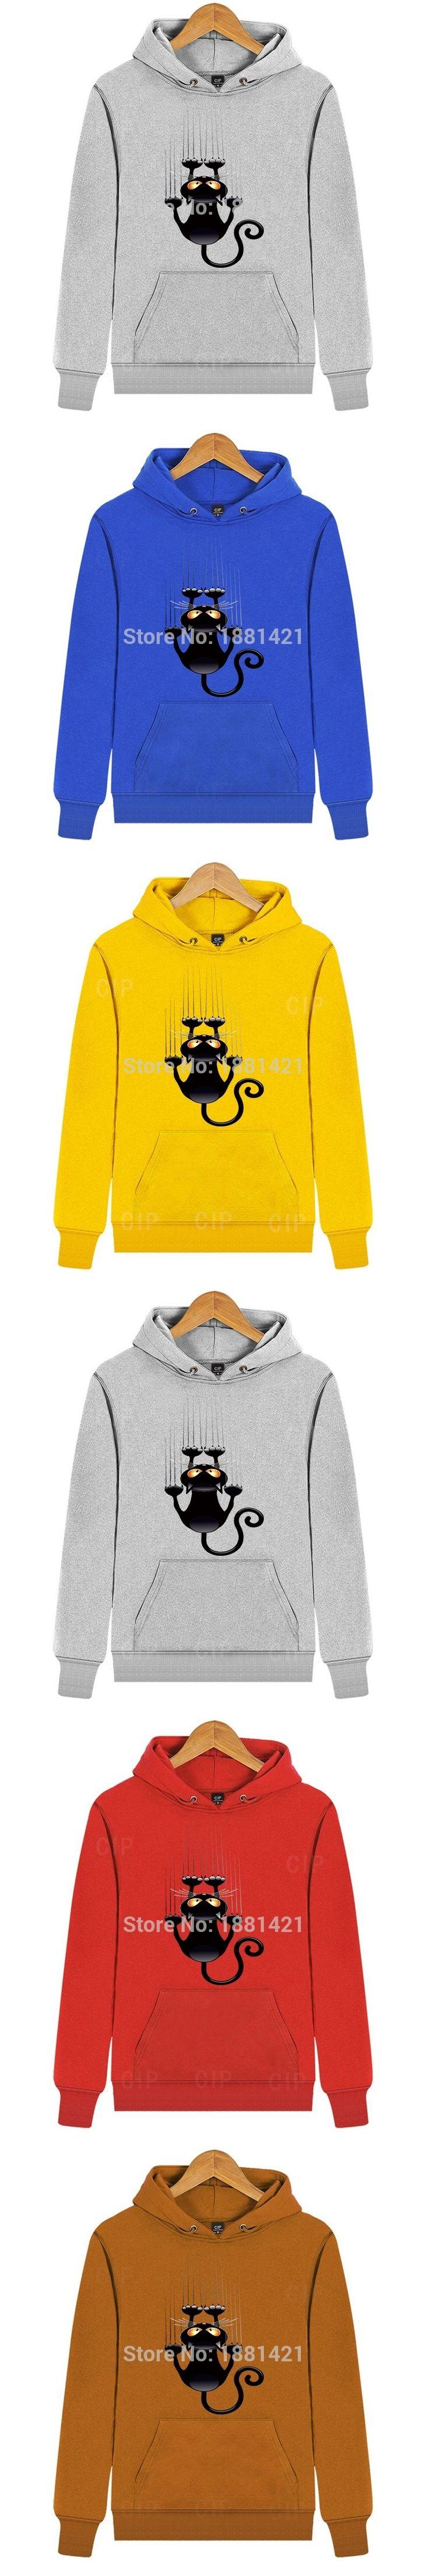 Fleece For Winter Autumn Mens Sweatshirt Hoody 3D Cat Print Hoodie Men Cotton Sweatshirts Male Casual Pullover Men Hoodies CFH68